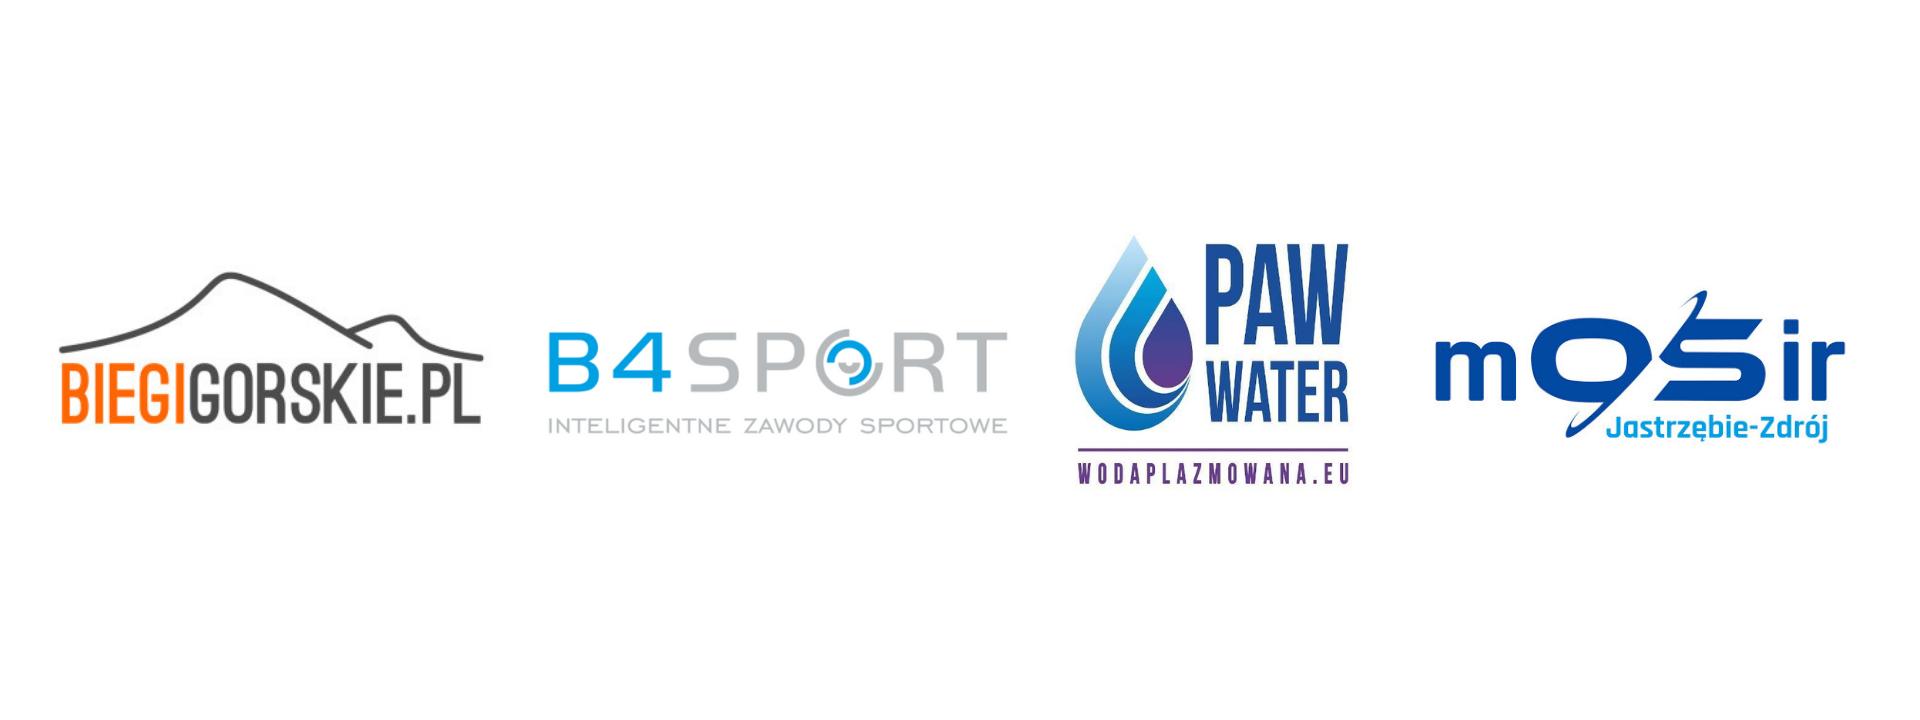 logotypy współpraca igrzyska bohaterów